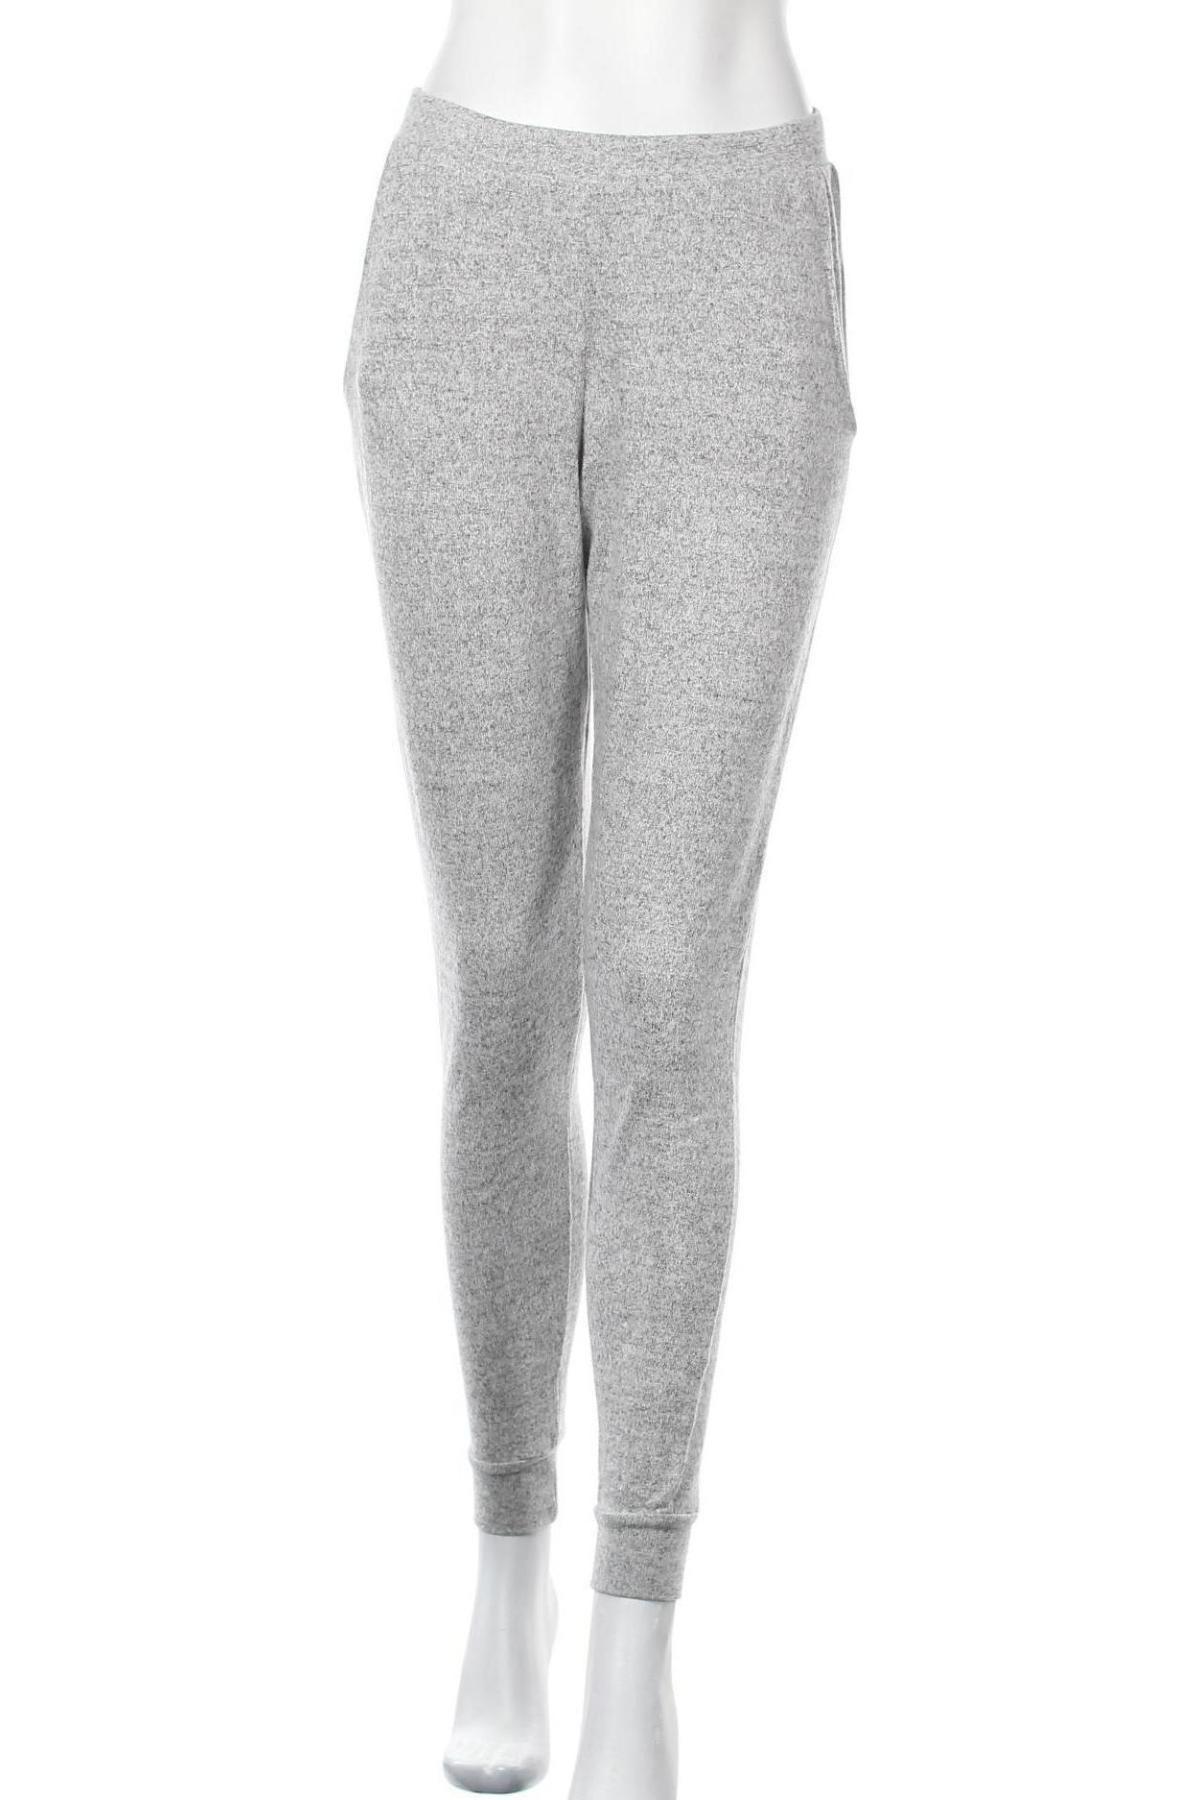 Γυναικείο αθλητικό παντελόνι Anna Field, Μέγεθος XS, Χρώμα Γκρί, 65% πολυεστέρας, 32% βισκόζη, 3% ελαστάνη, Τιμή 9,07€